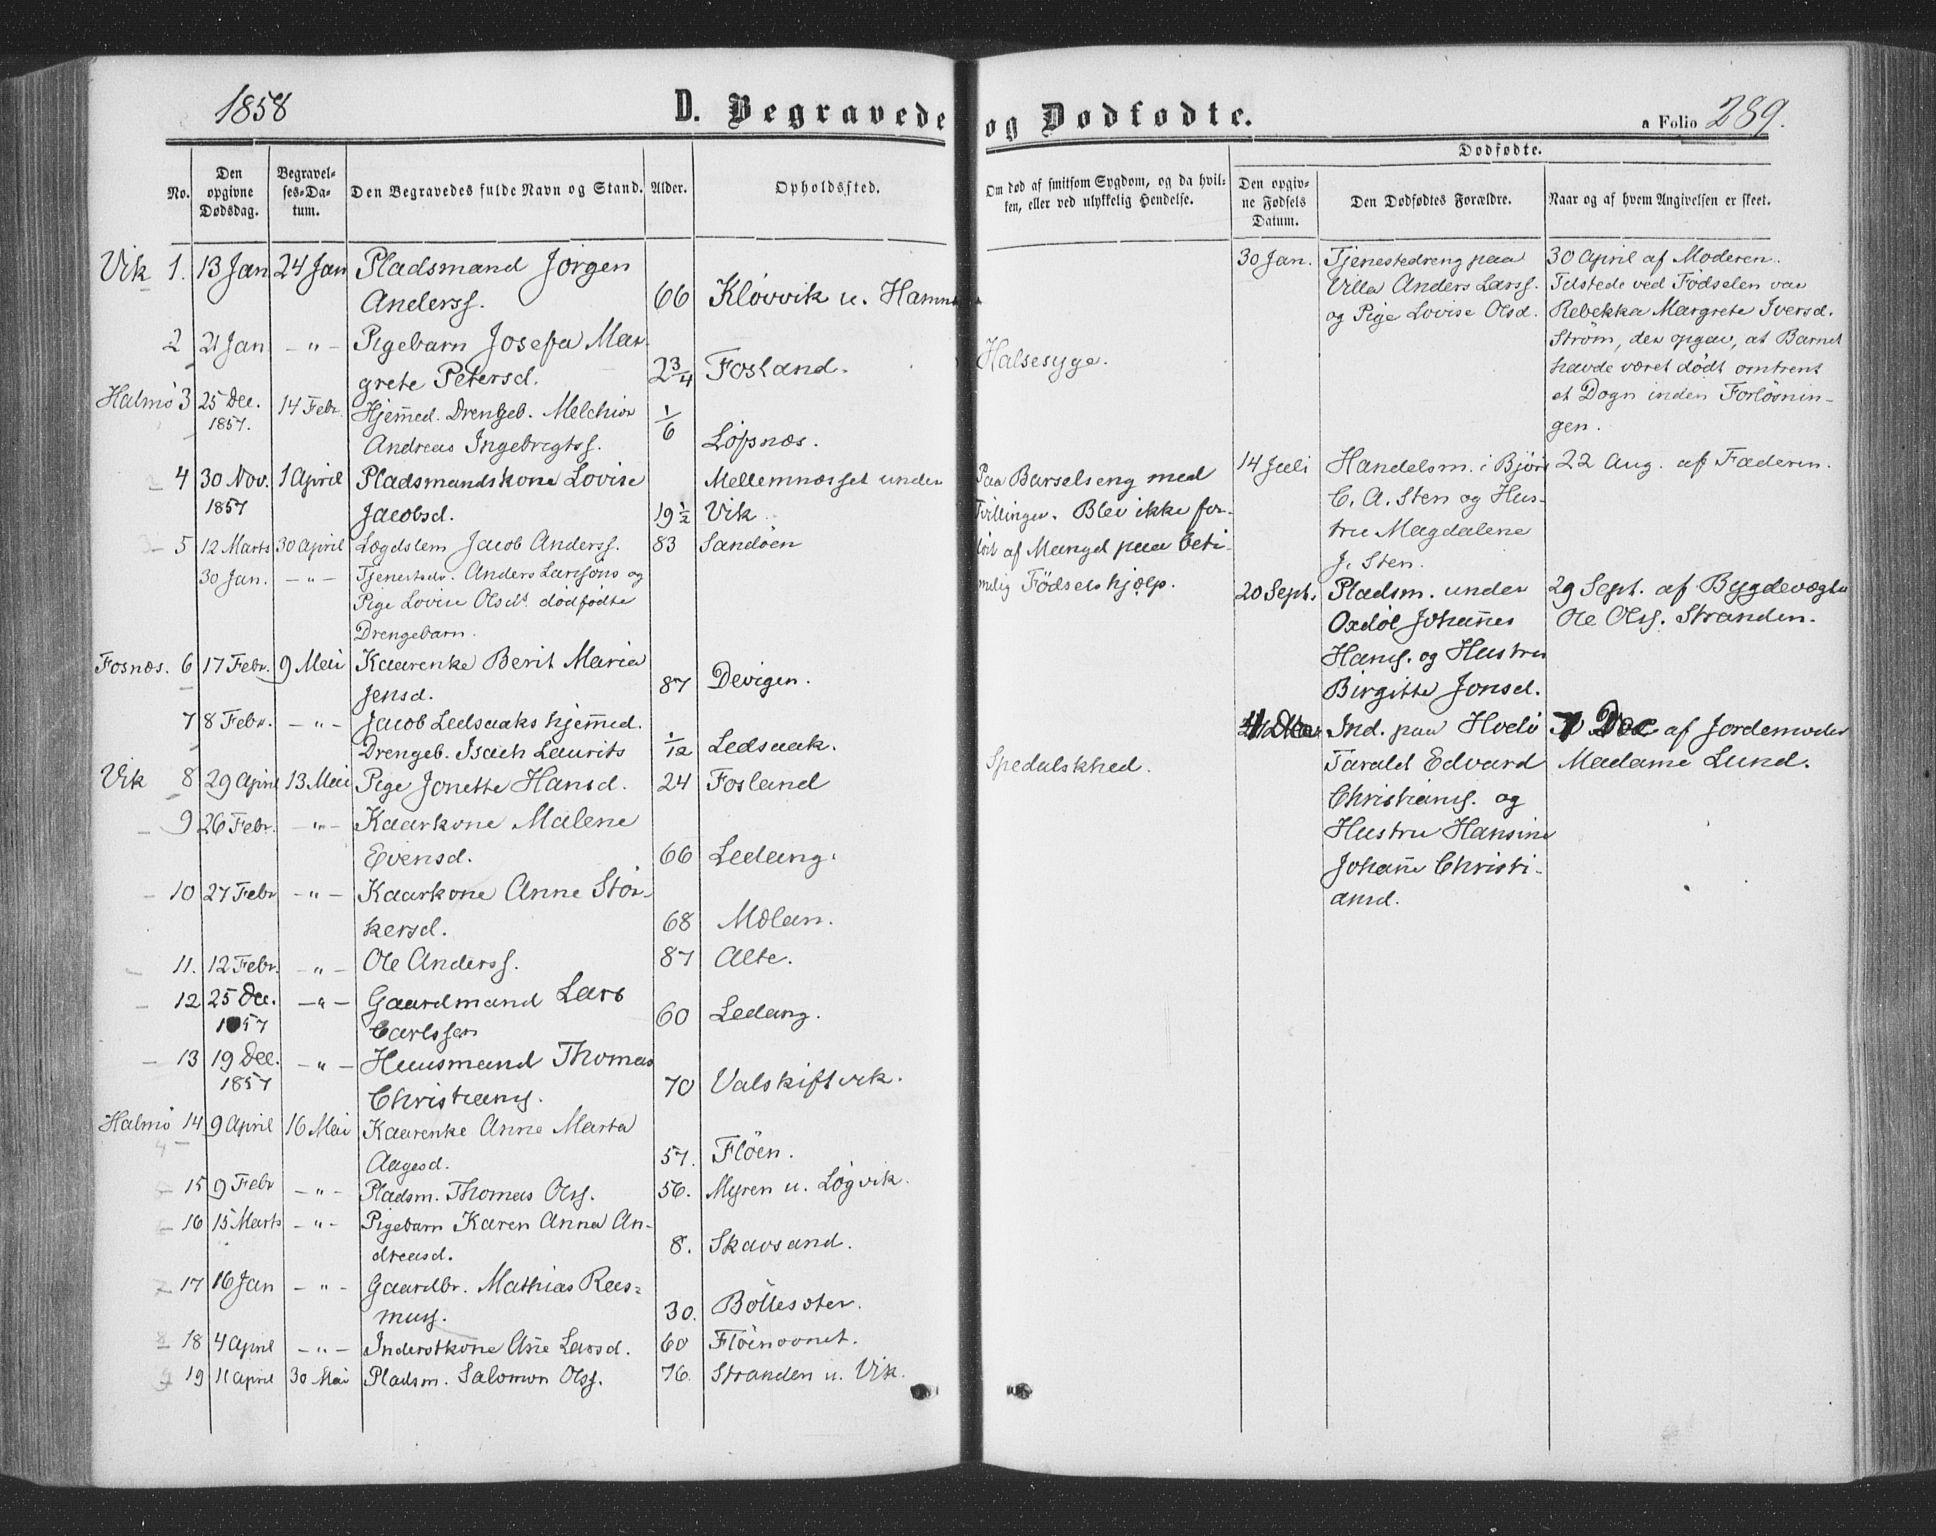 SAT, Ministerialprotokoller, klokkerbøker og fødselsregistre - Nord-Trøndelag, 773/L0615: Ministerialbok nr. 773A06, 1857-1870, s. 289